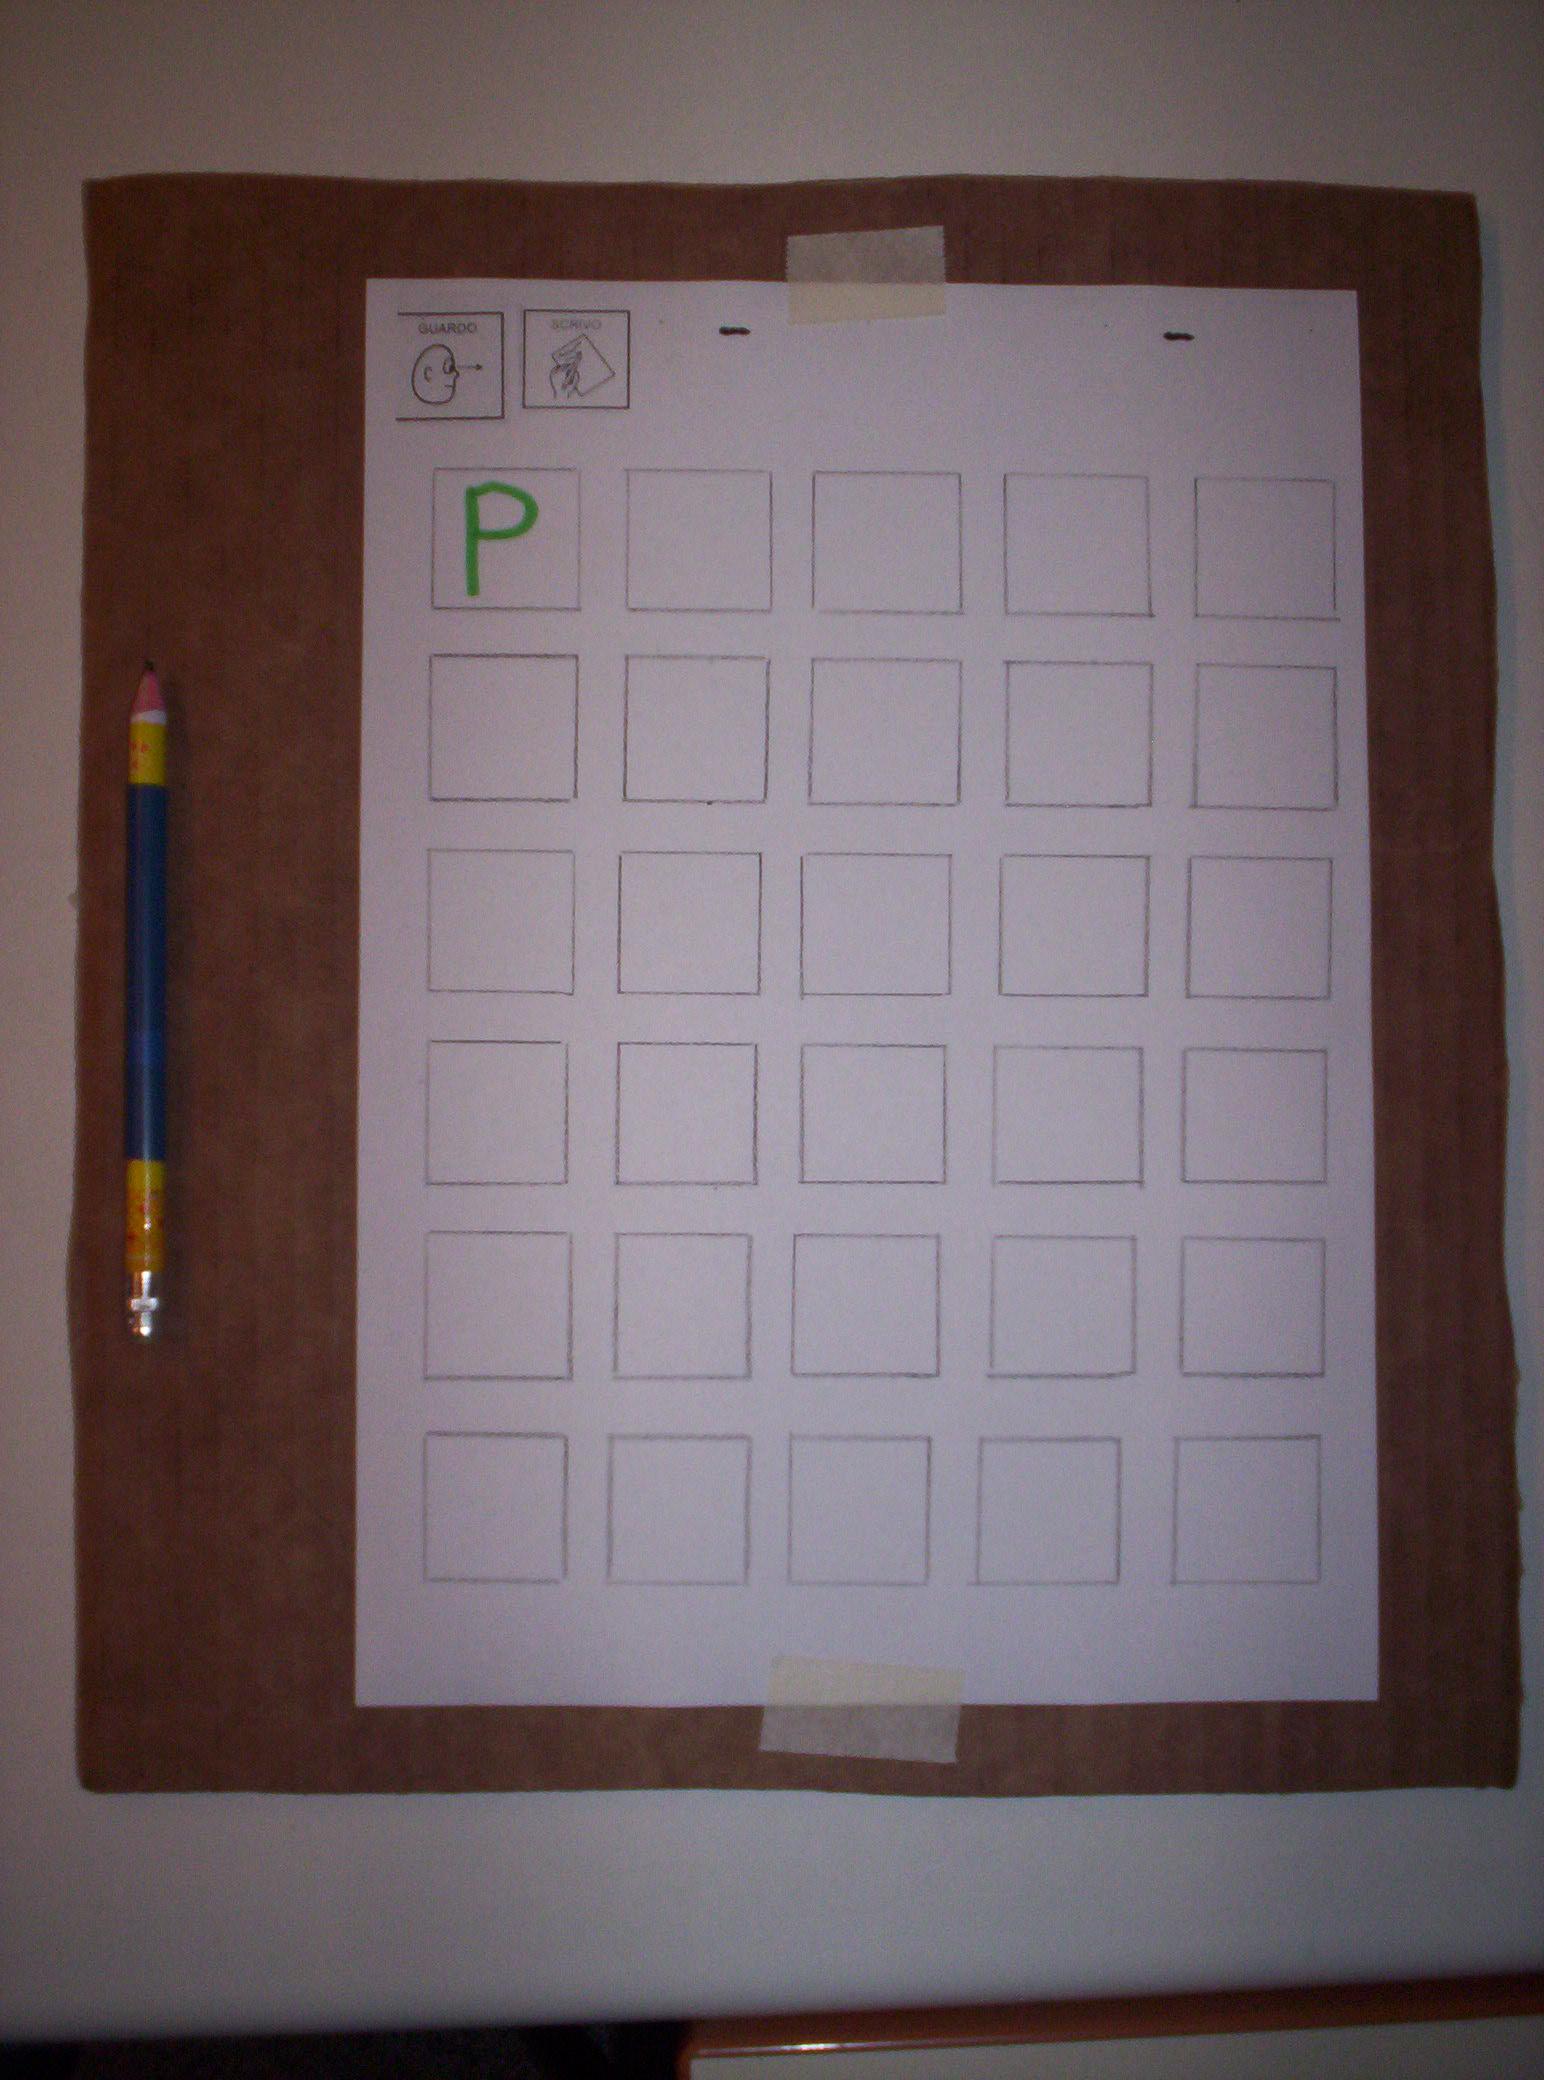 Su un cartone sono posizionati: a sinistra una cannuccia con infilata una matita e a destra un foglio con molti riquadri e, nel primo, la lettera P scritta in stampato maiuscolo.